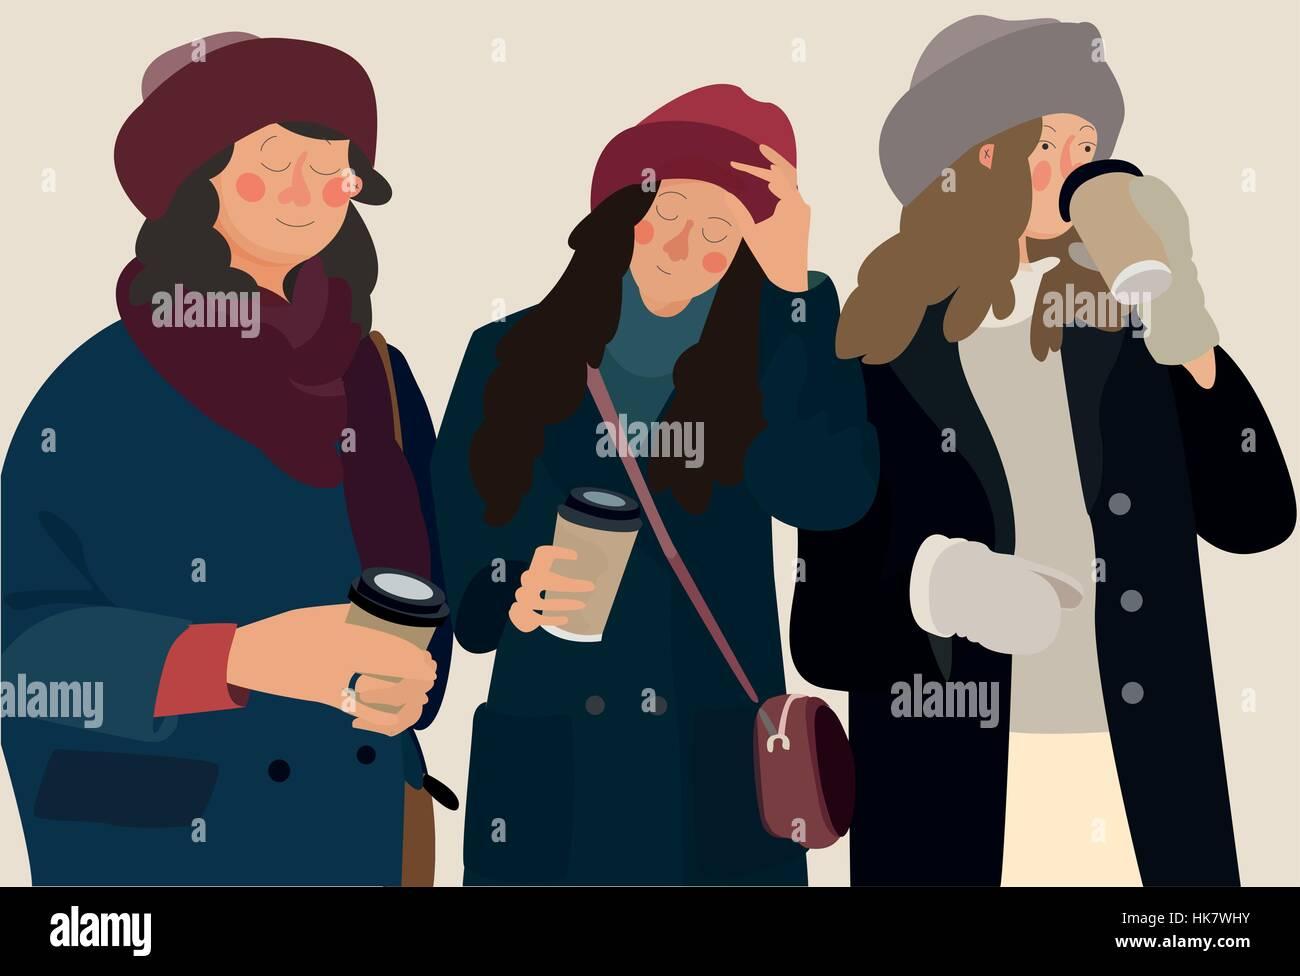 Tre giovani ragazze in vestiti caldi di bere il caffè all aperto in  inverno. mano disegnare stile illustrazione vettoriale b0ec178fc7b